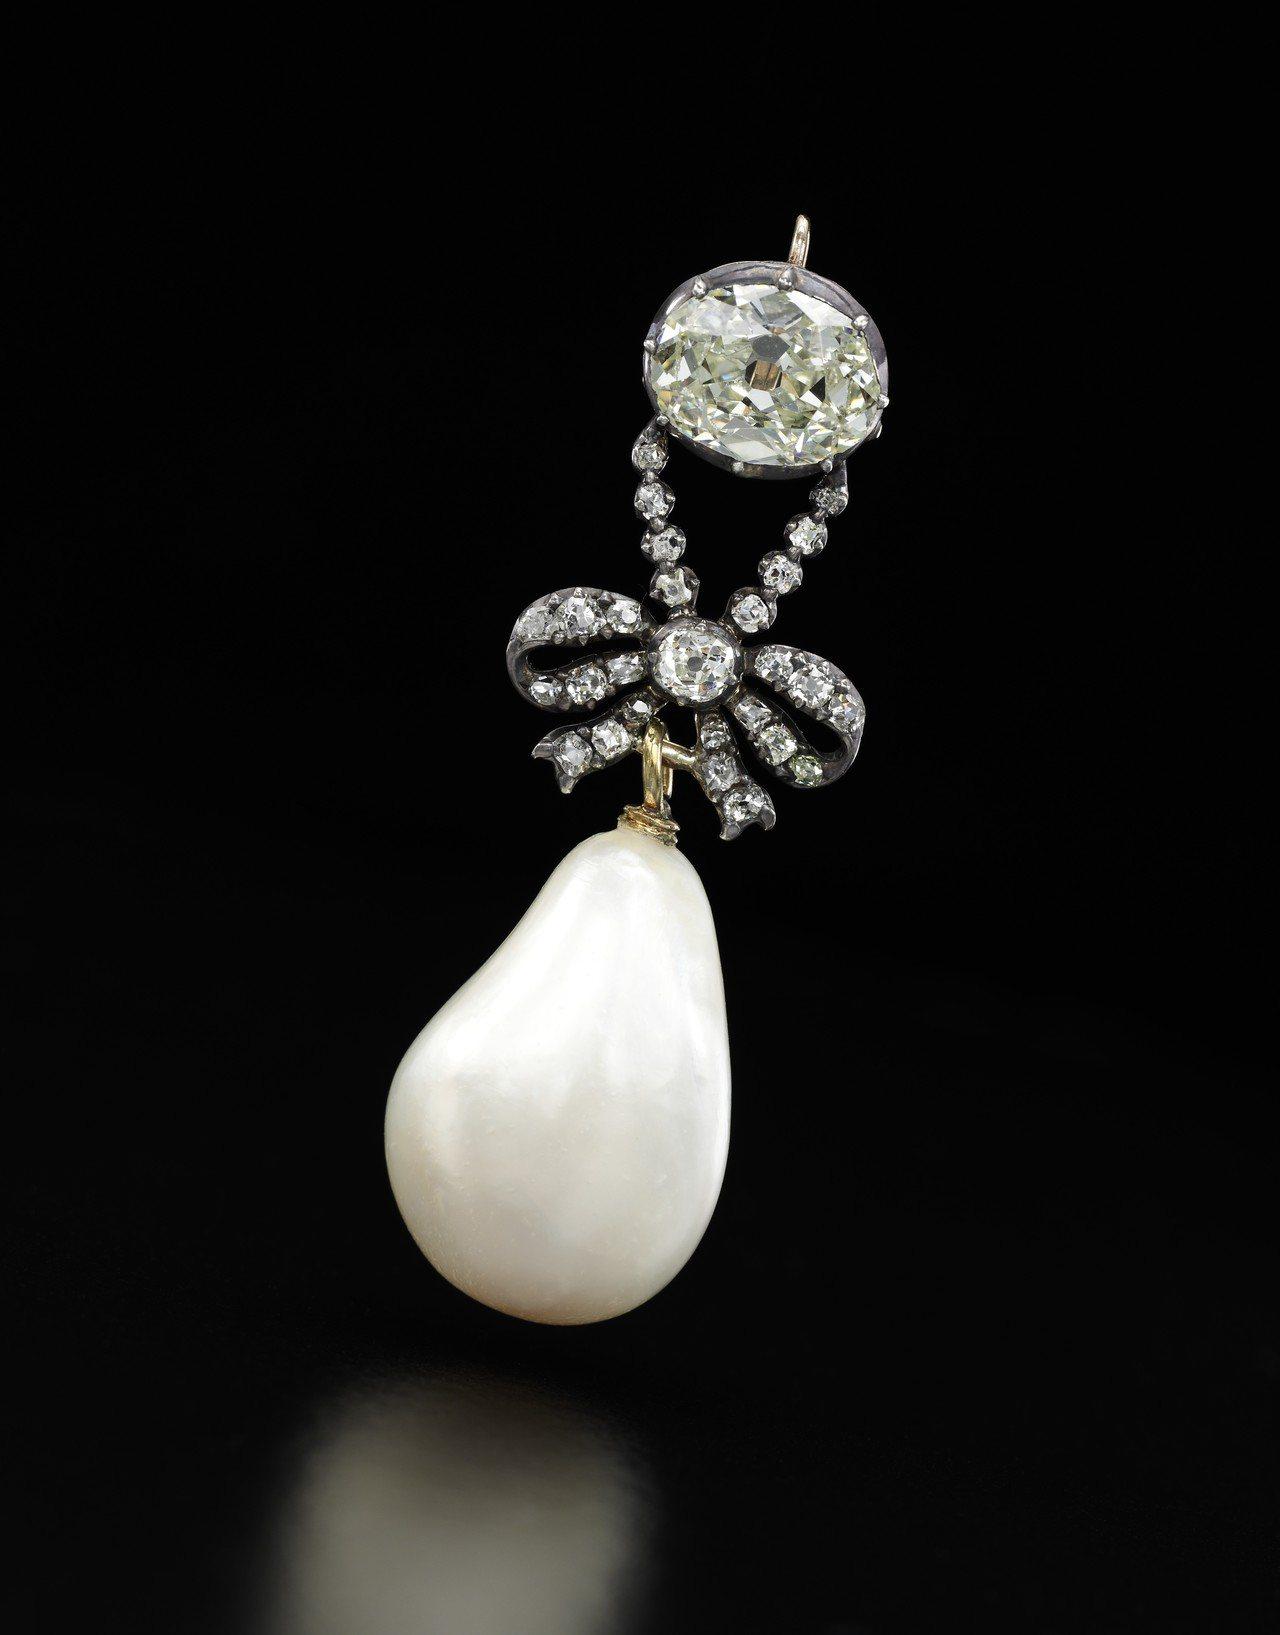 領拍的瑪麗安東妮的天然珍珠配鑽石吊墜,除了名人加持,如此尺寸的天然珍珠亦相當罕見...